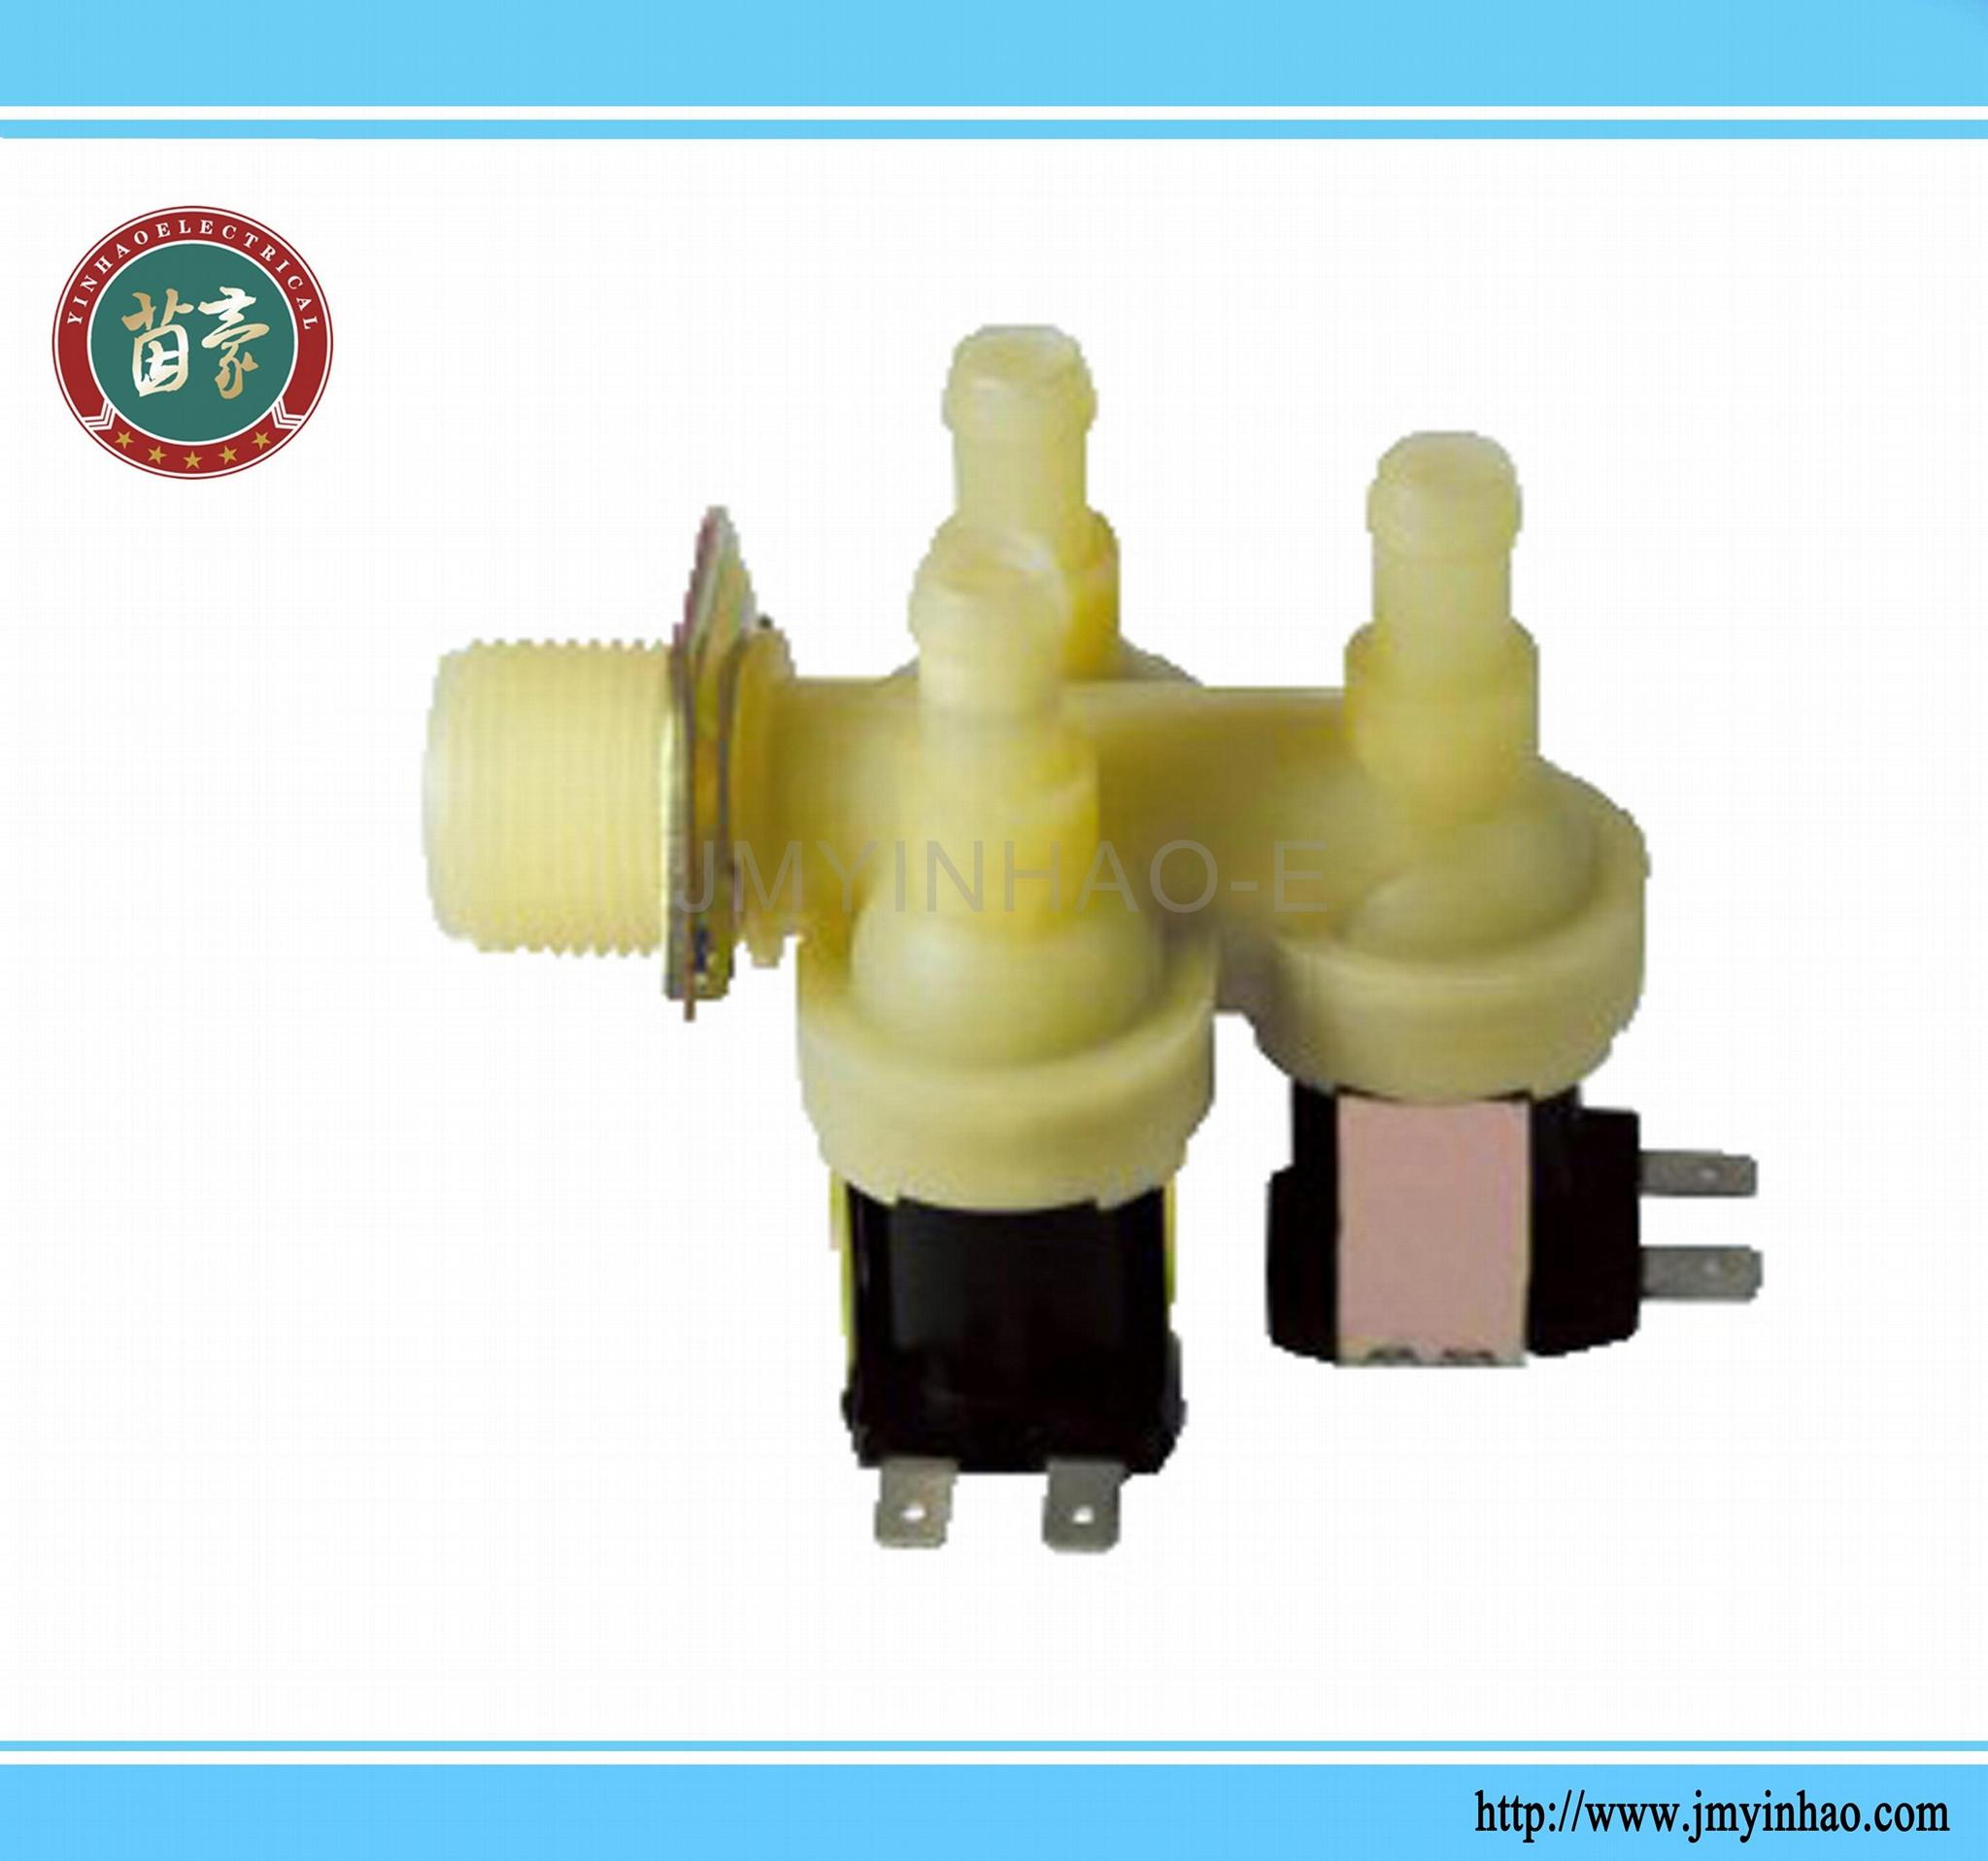 LG 5221ER1003A Water Inlet Va  e Washing Machine 1